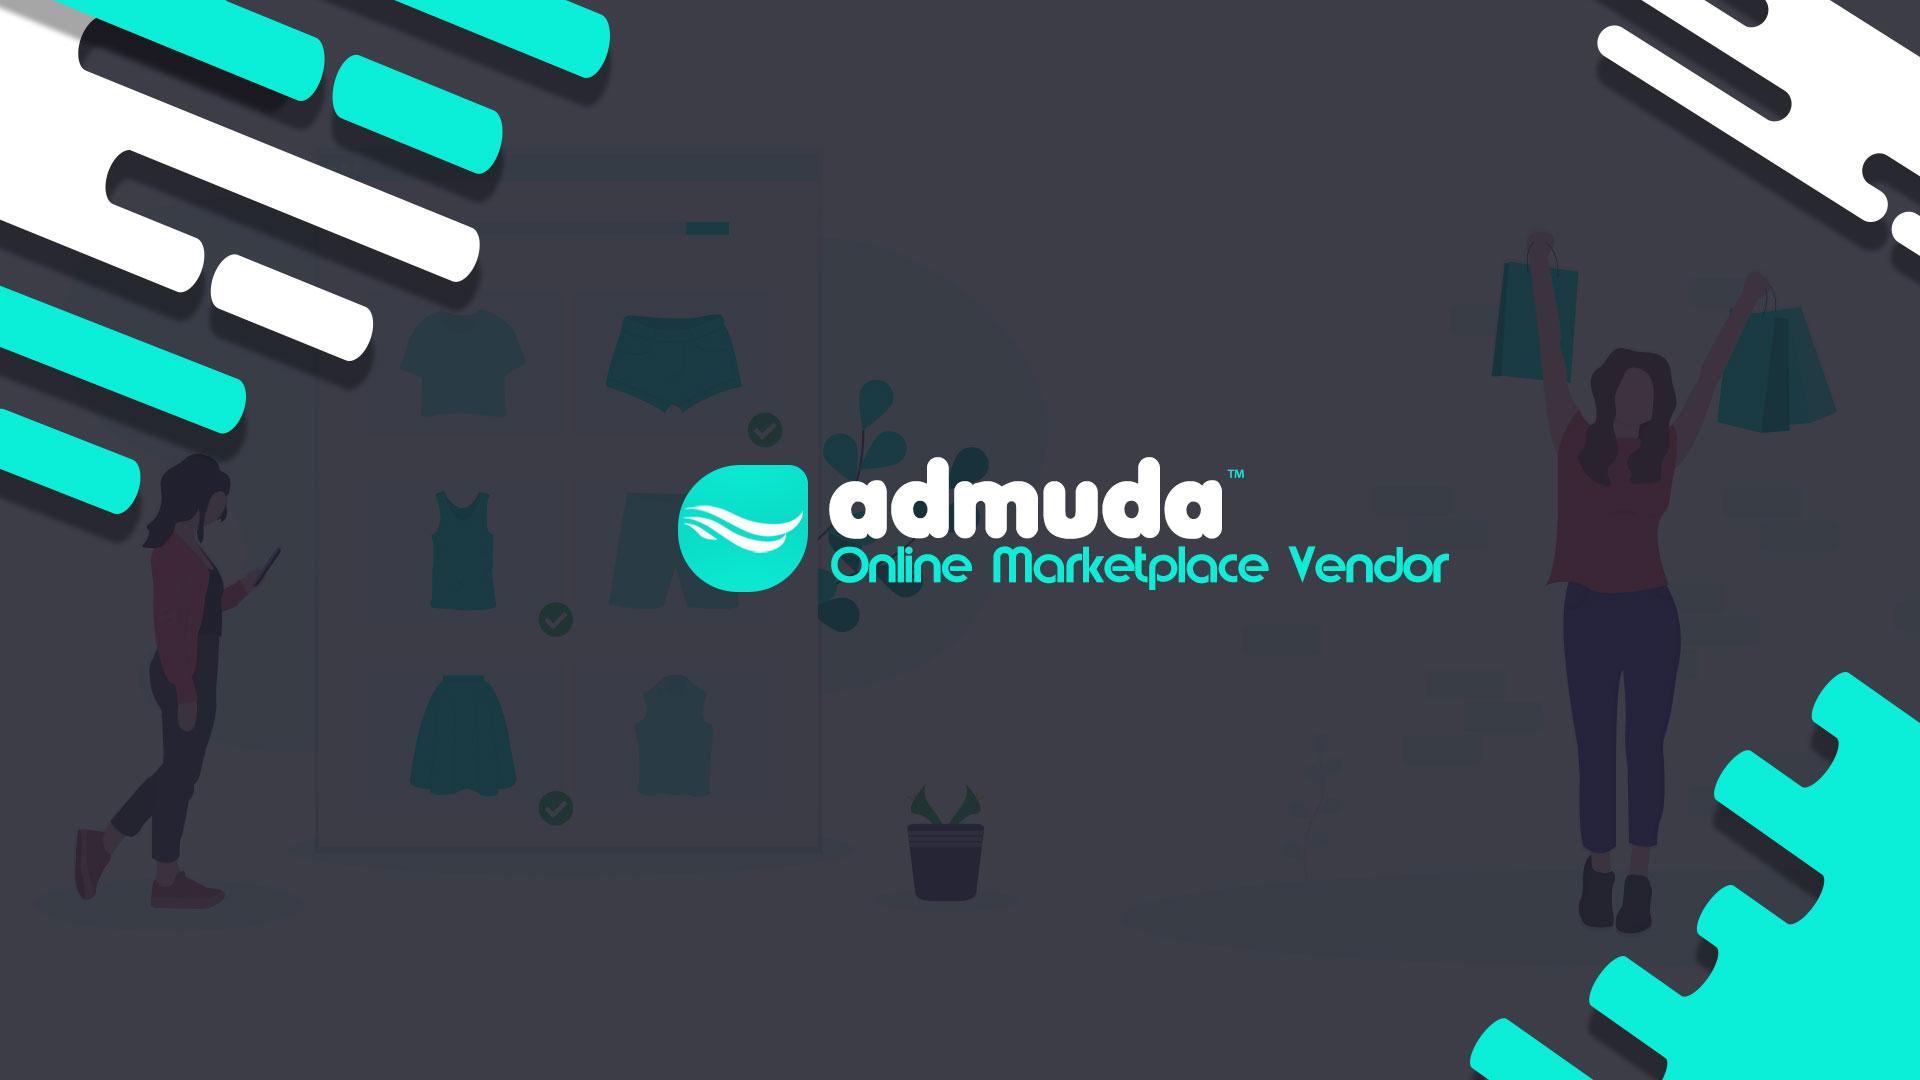 Admuda-Online-Markplace-Vendor